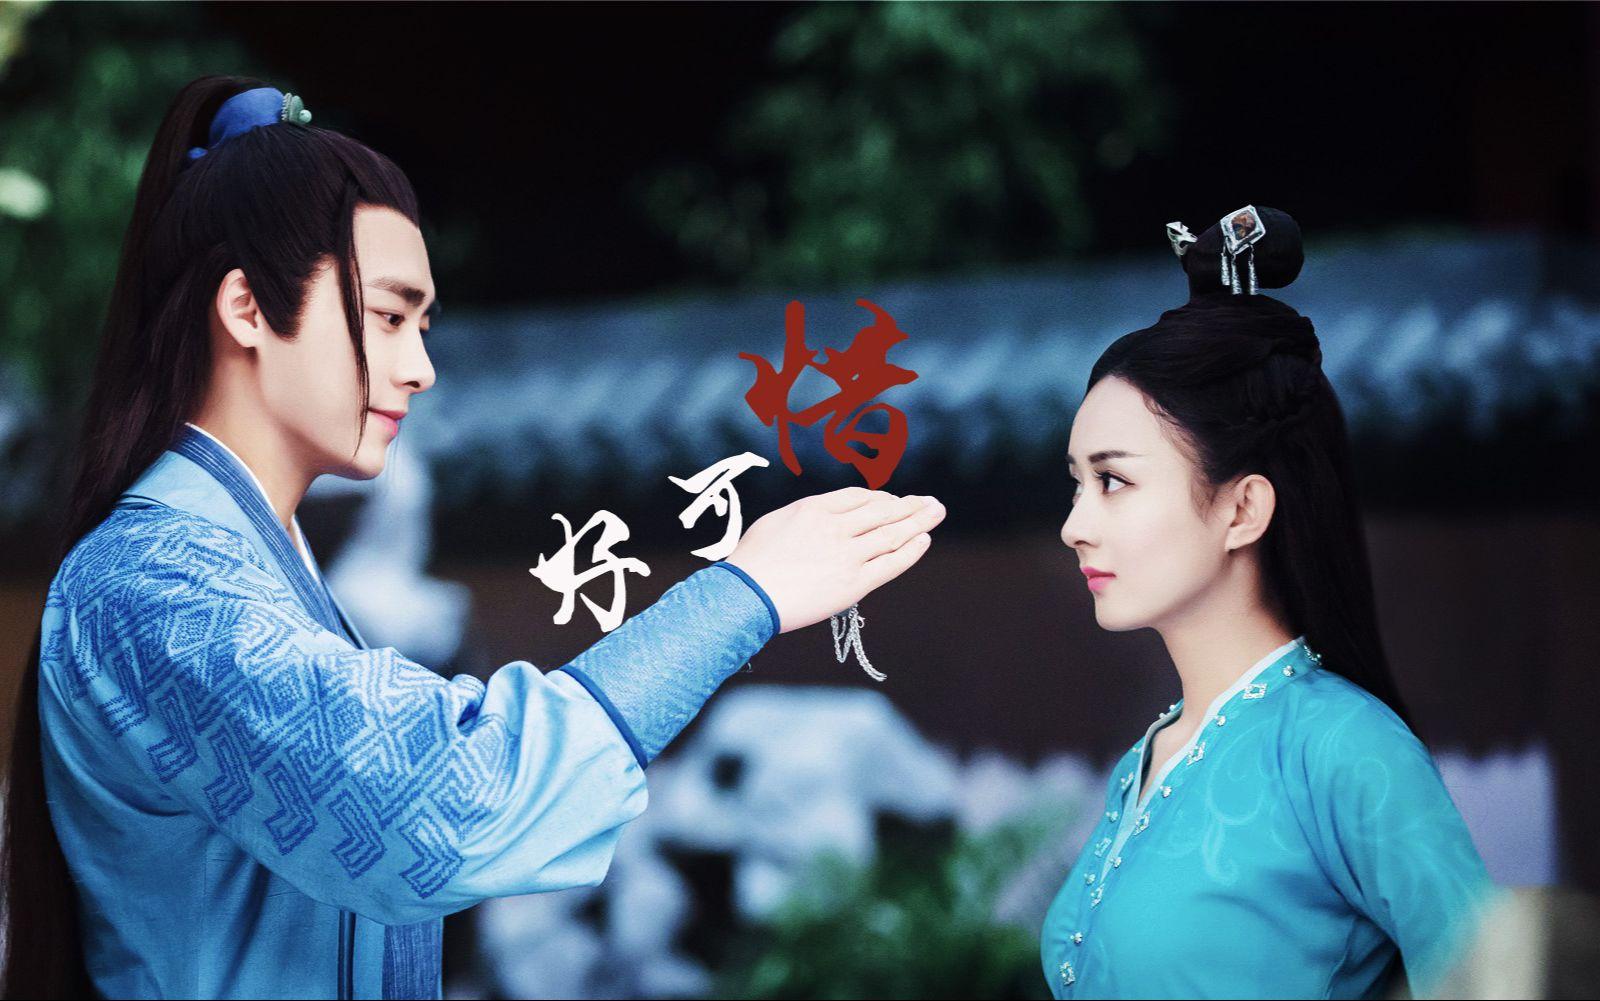 【李易峰】&【赵丽颖】--好可惜完整版(凡瑶向)图片